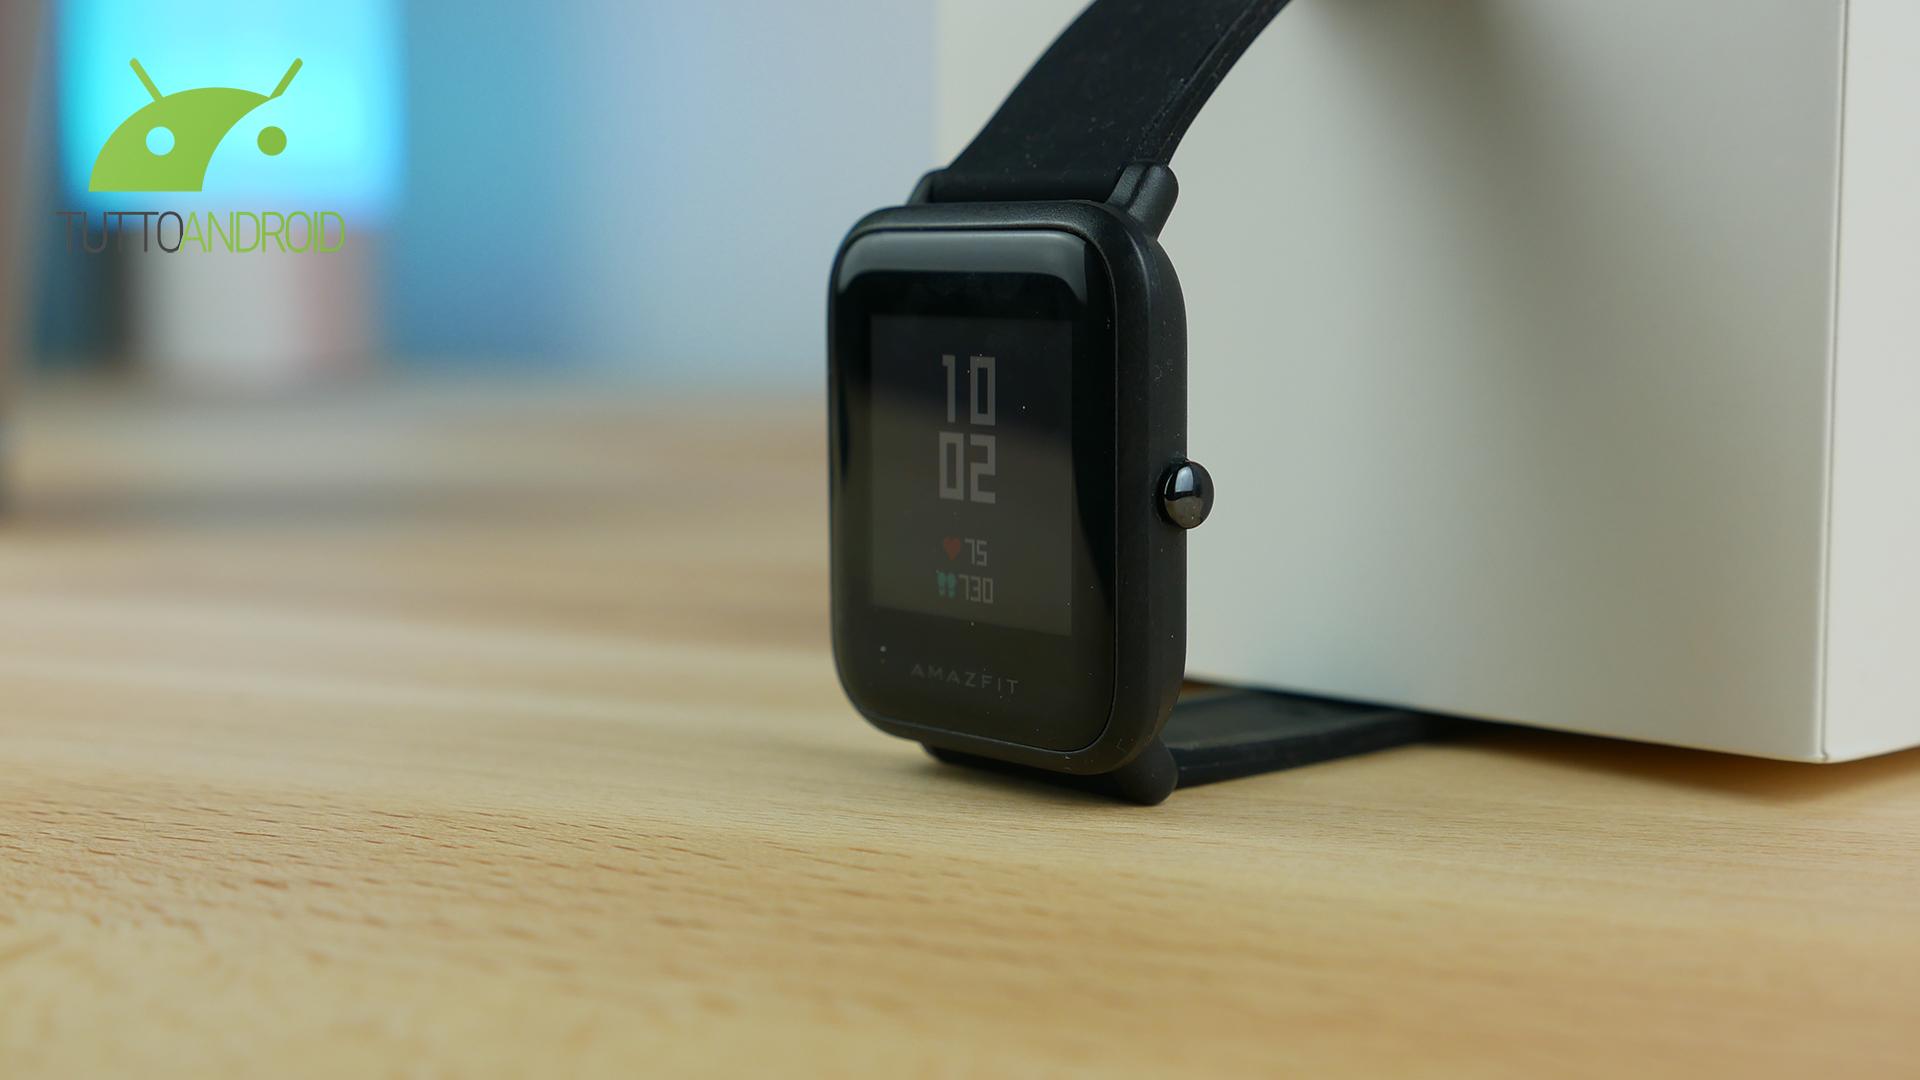 Come installare una watch face personalizzata su Amazfit Bip tramite